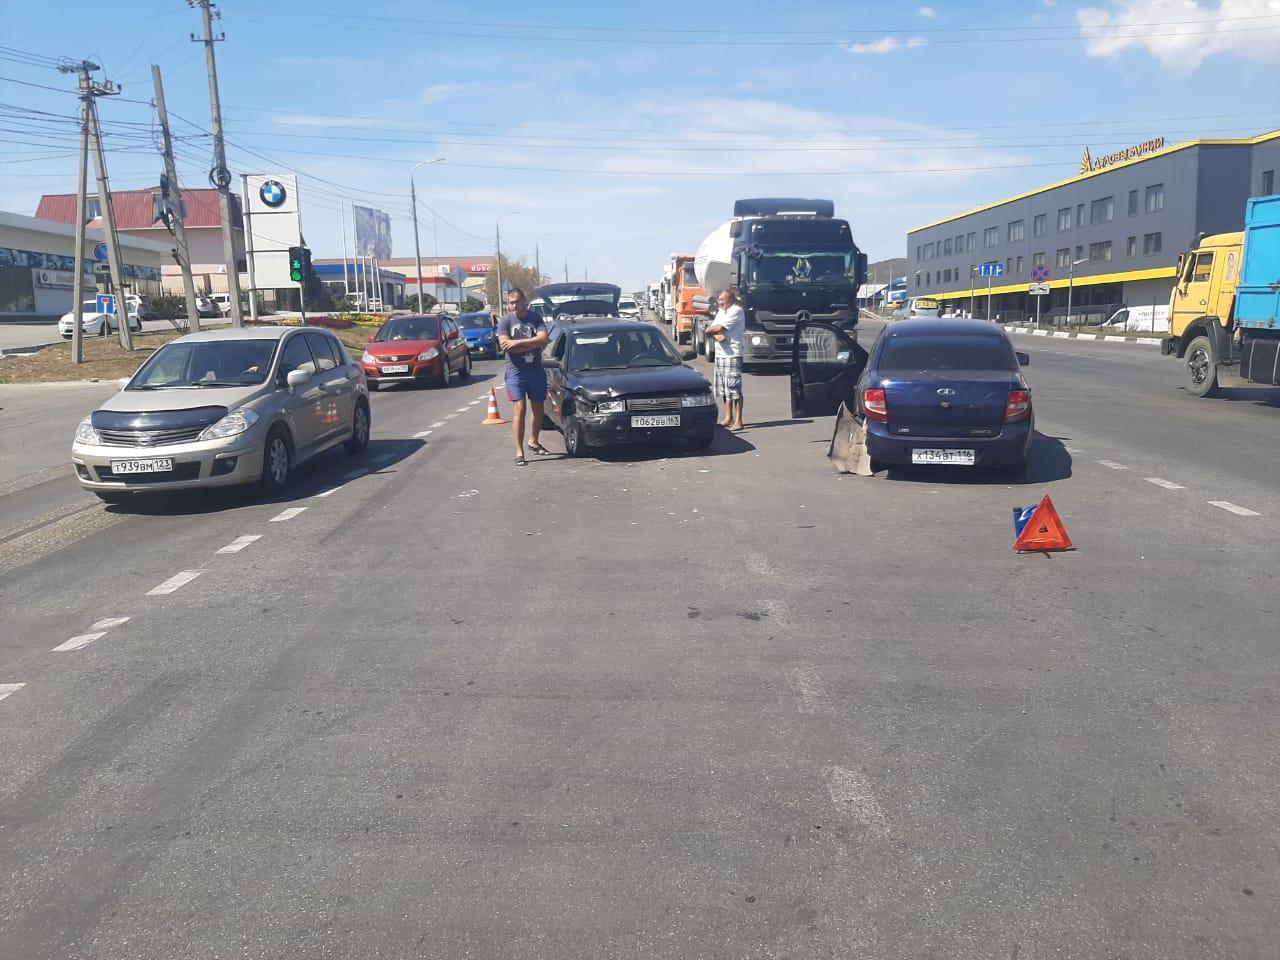 Гости Новороссийска попали в ДТП. Пострадал ребенок